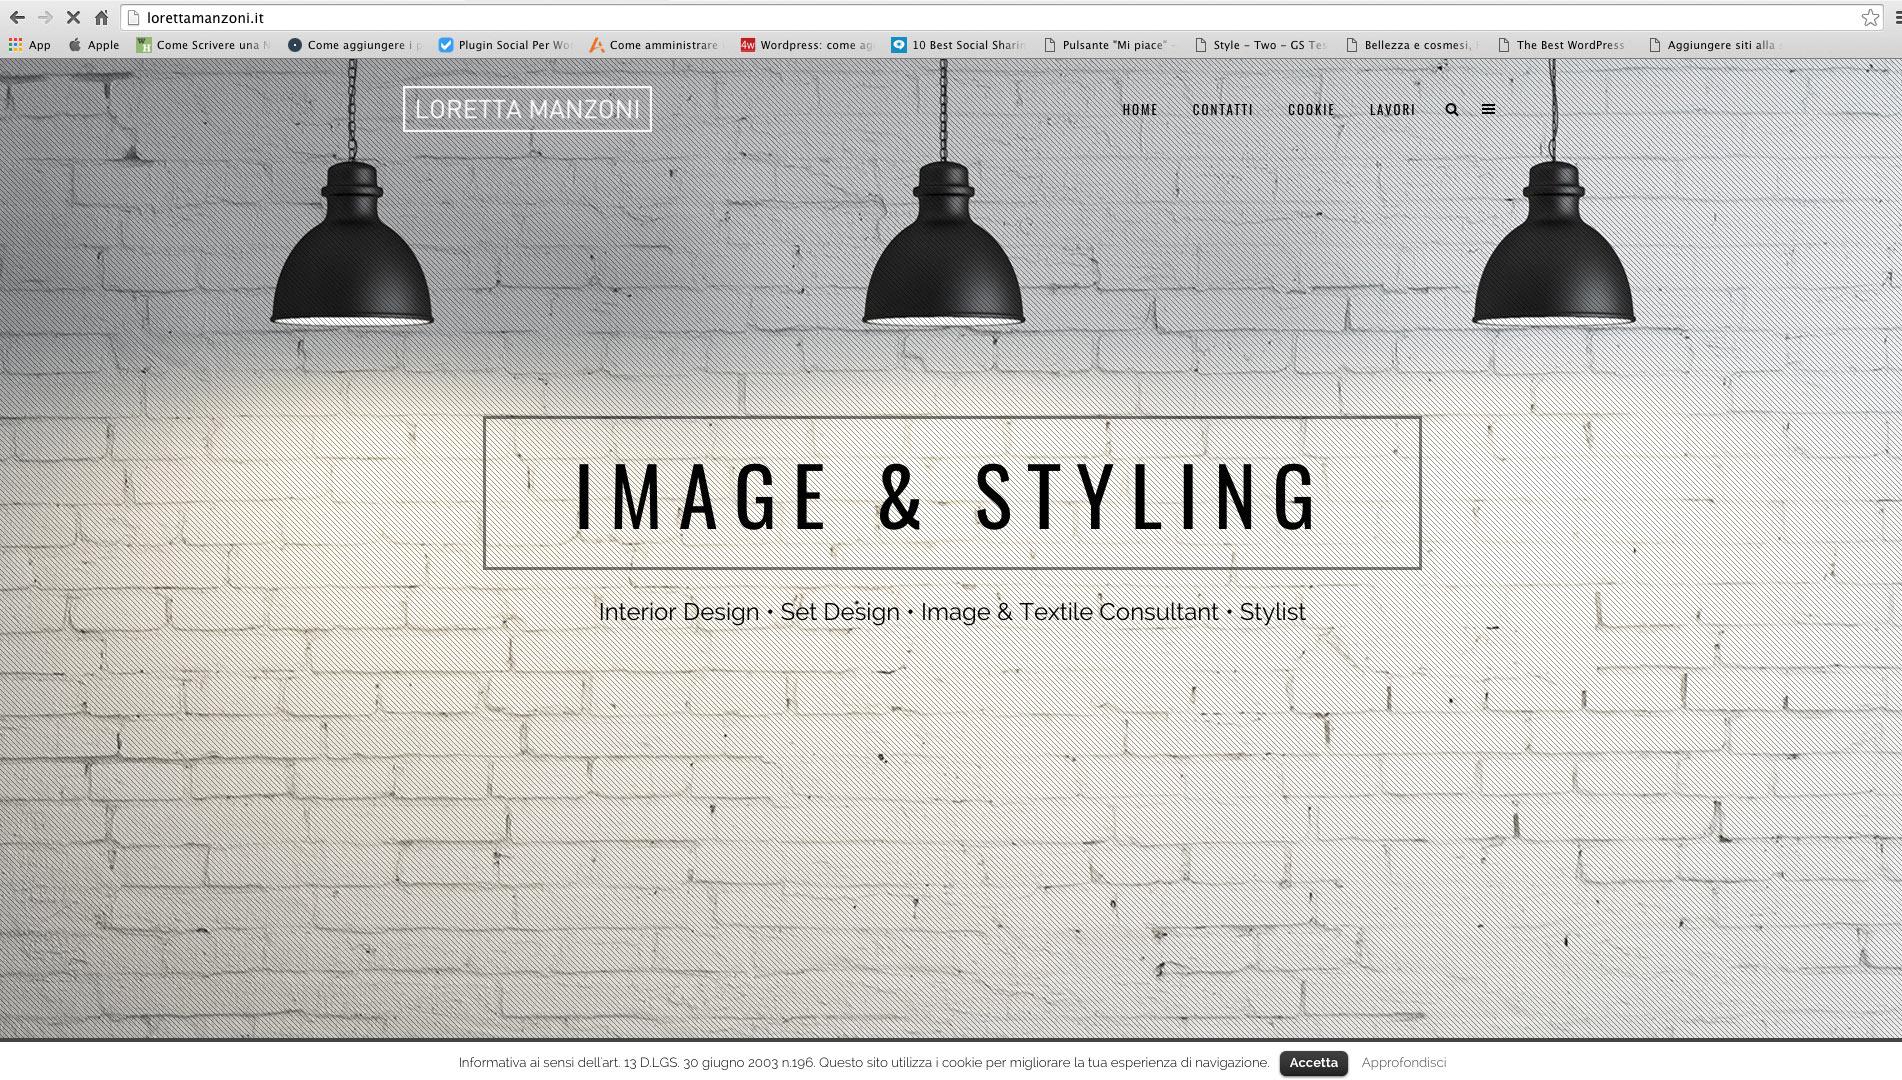 loretta manzoni image & styling